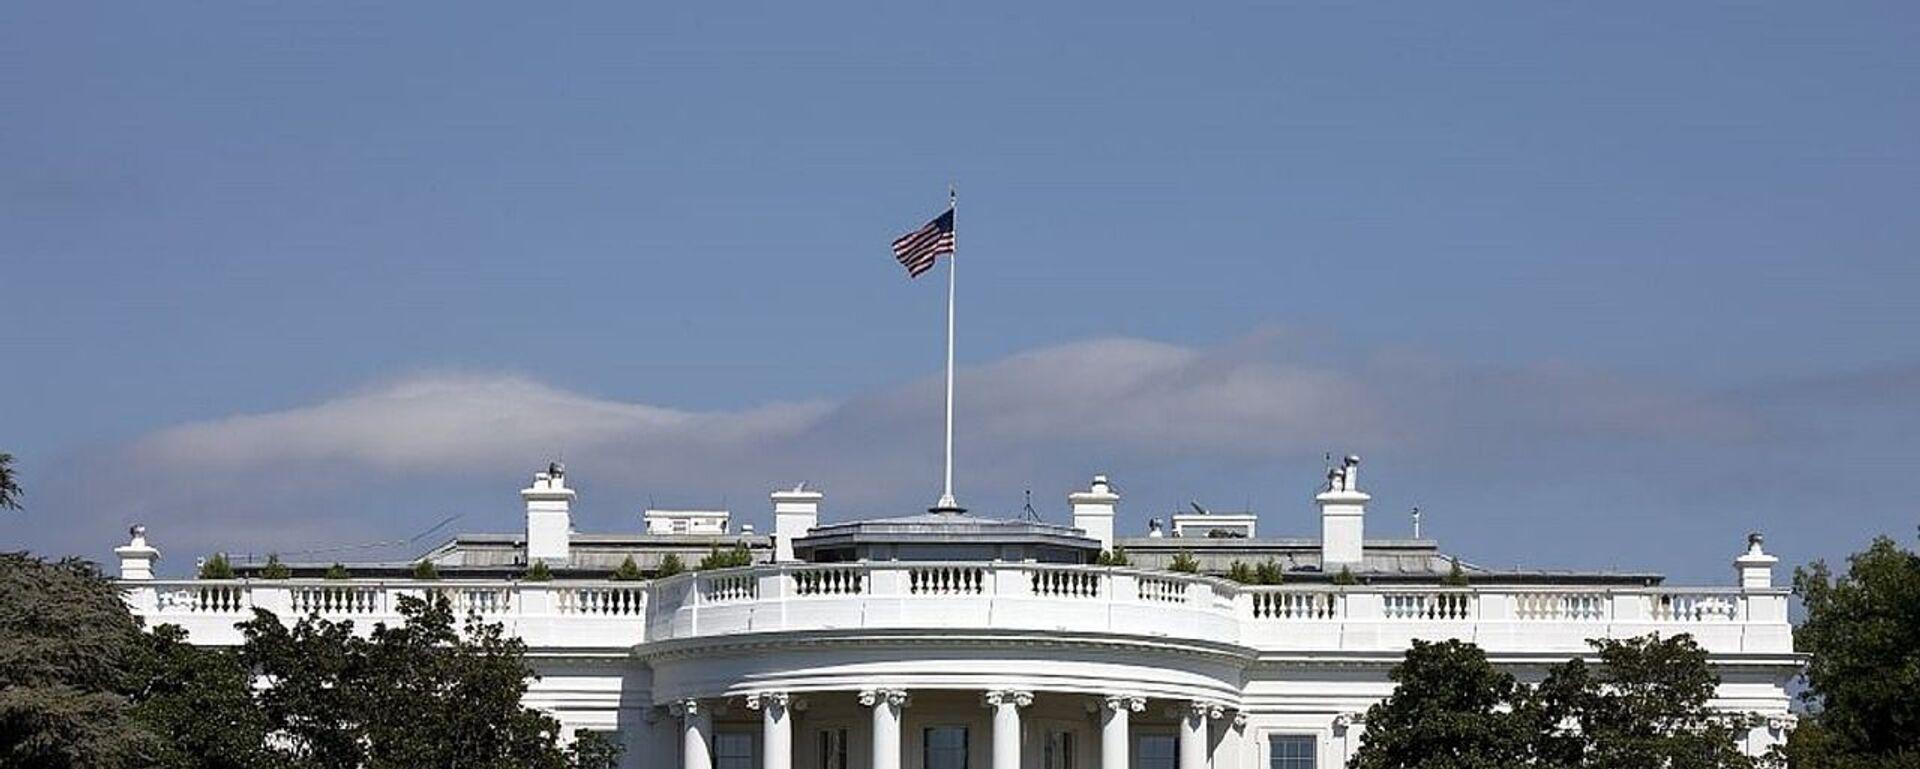 La Casa Blanca en Estados Unidos (imagen referencial) - Sputnik Mundo, 1920, 04.05.2020